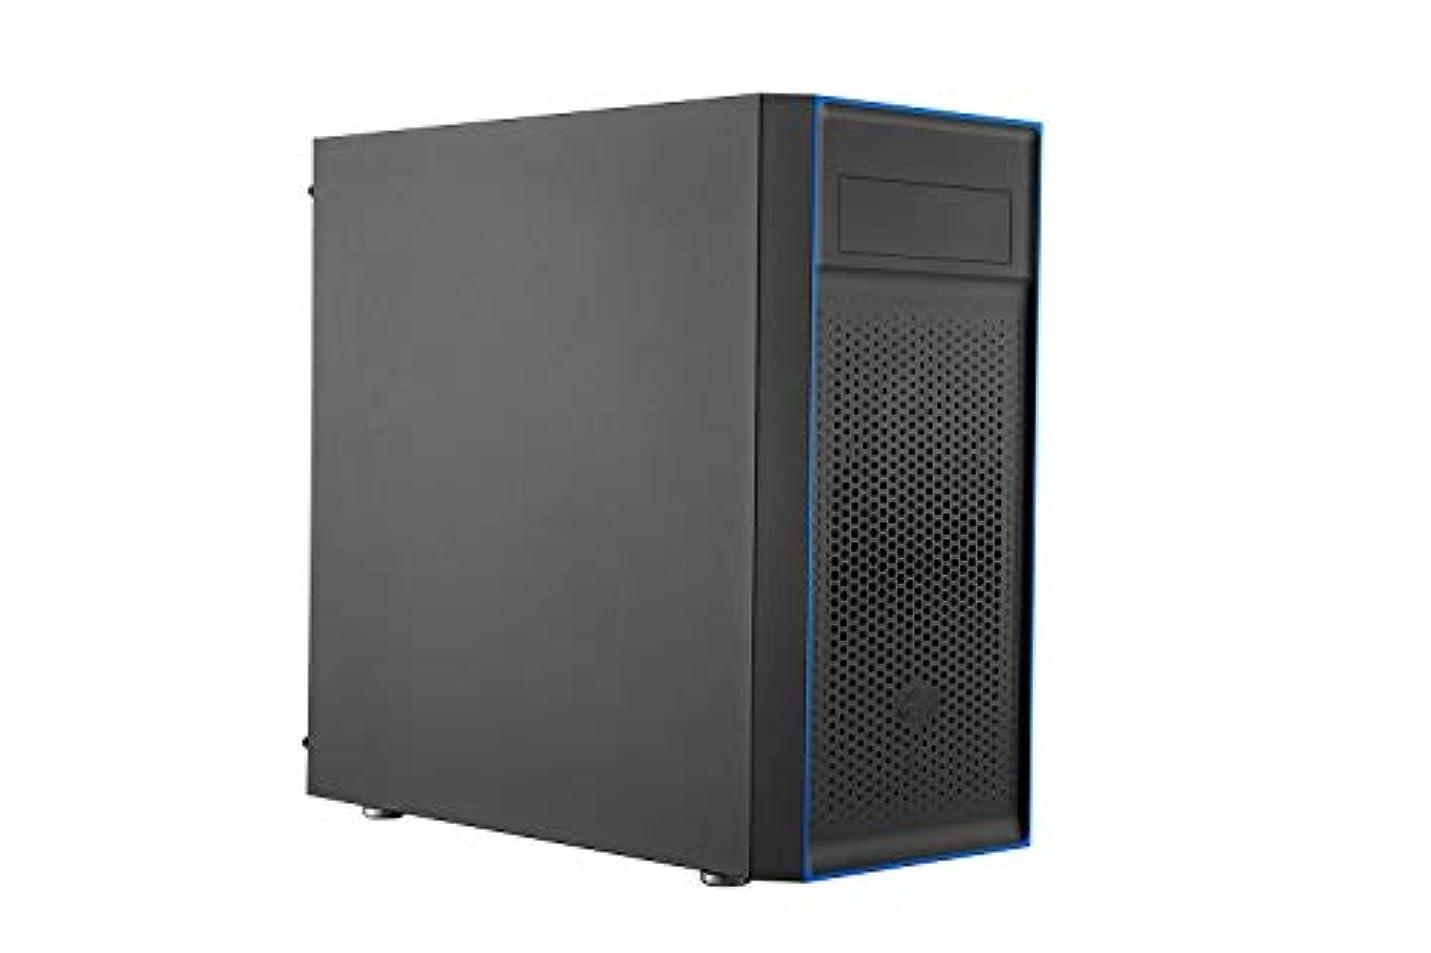 つなぐダーリン通行人CoolerMaster シンプルなミニタワー型PCケース MasterBox E501L(型番:MCB-E501L-KN5N-S00)